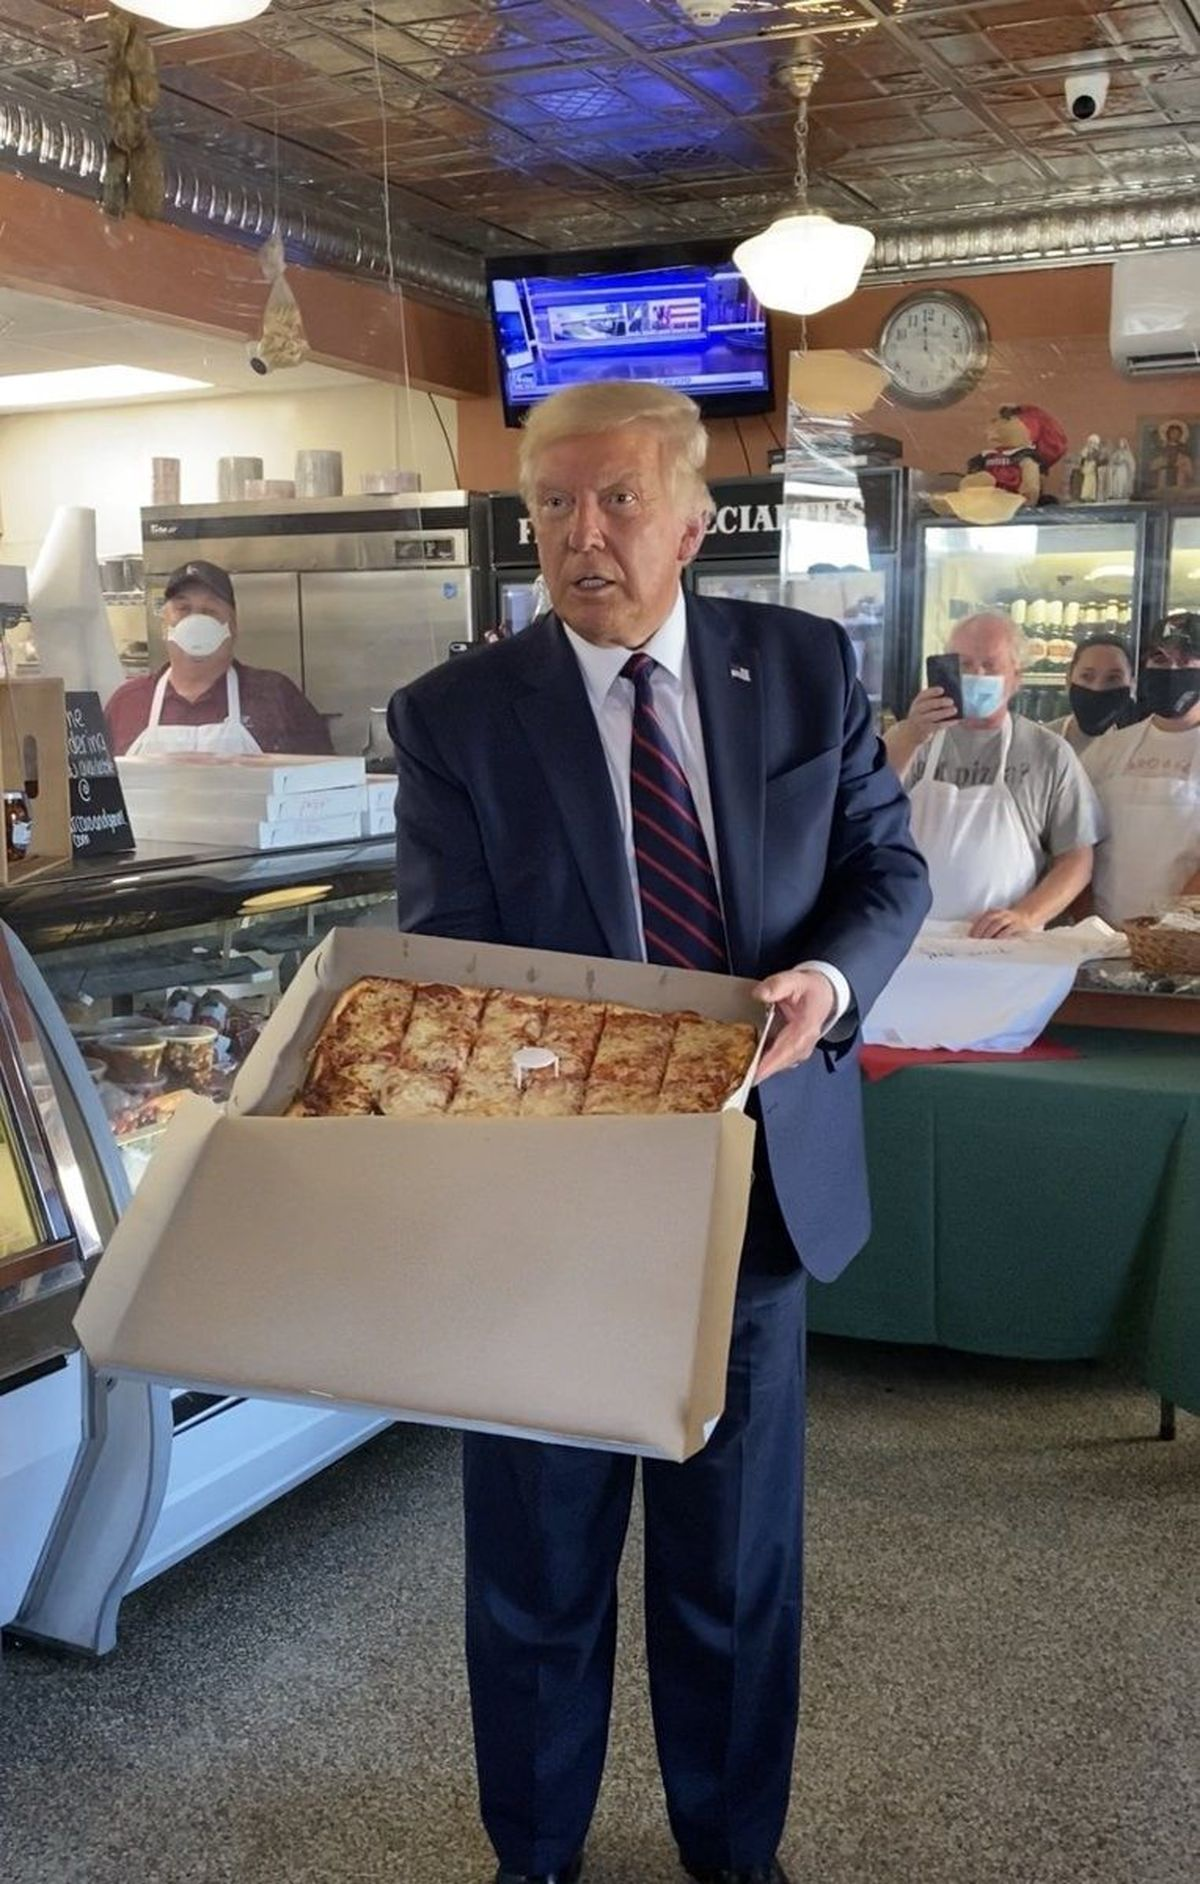 عجله و اشتباه ترامپ در تحریم رستوران ایتالیایی به جای شرکت نفتی ونزوئلا